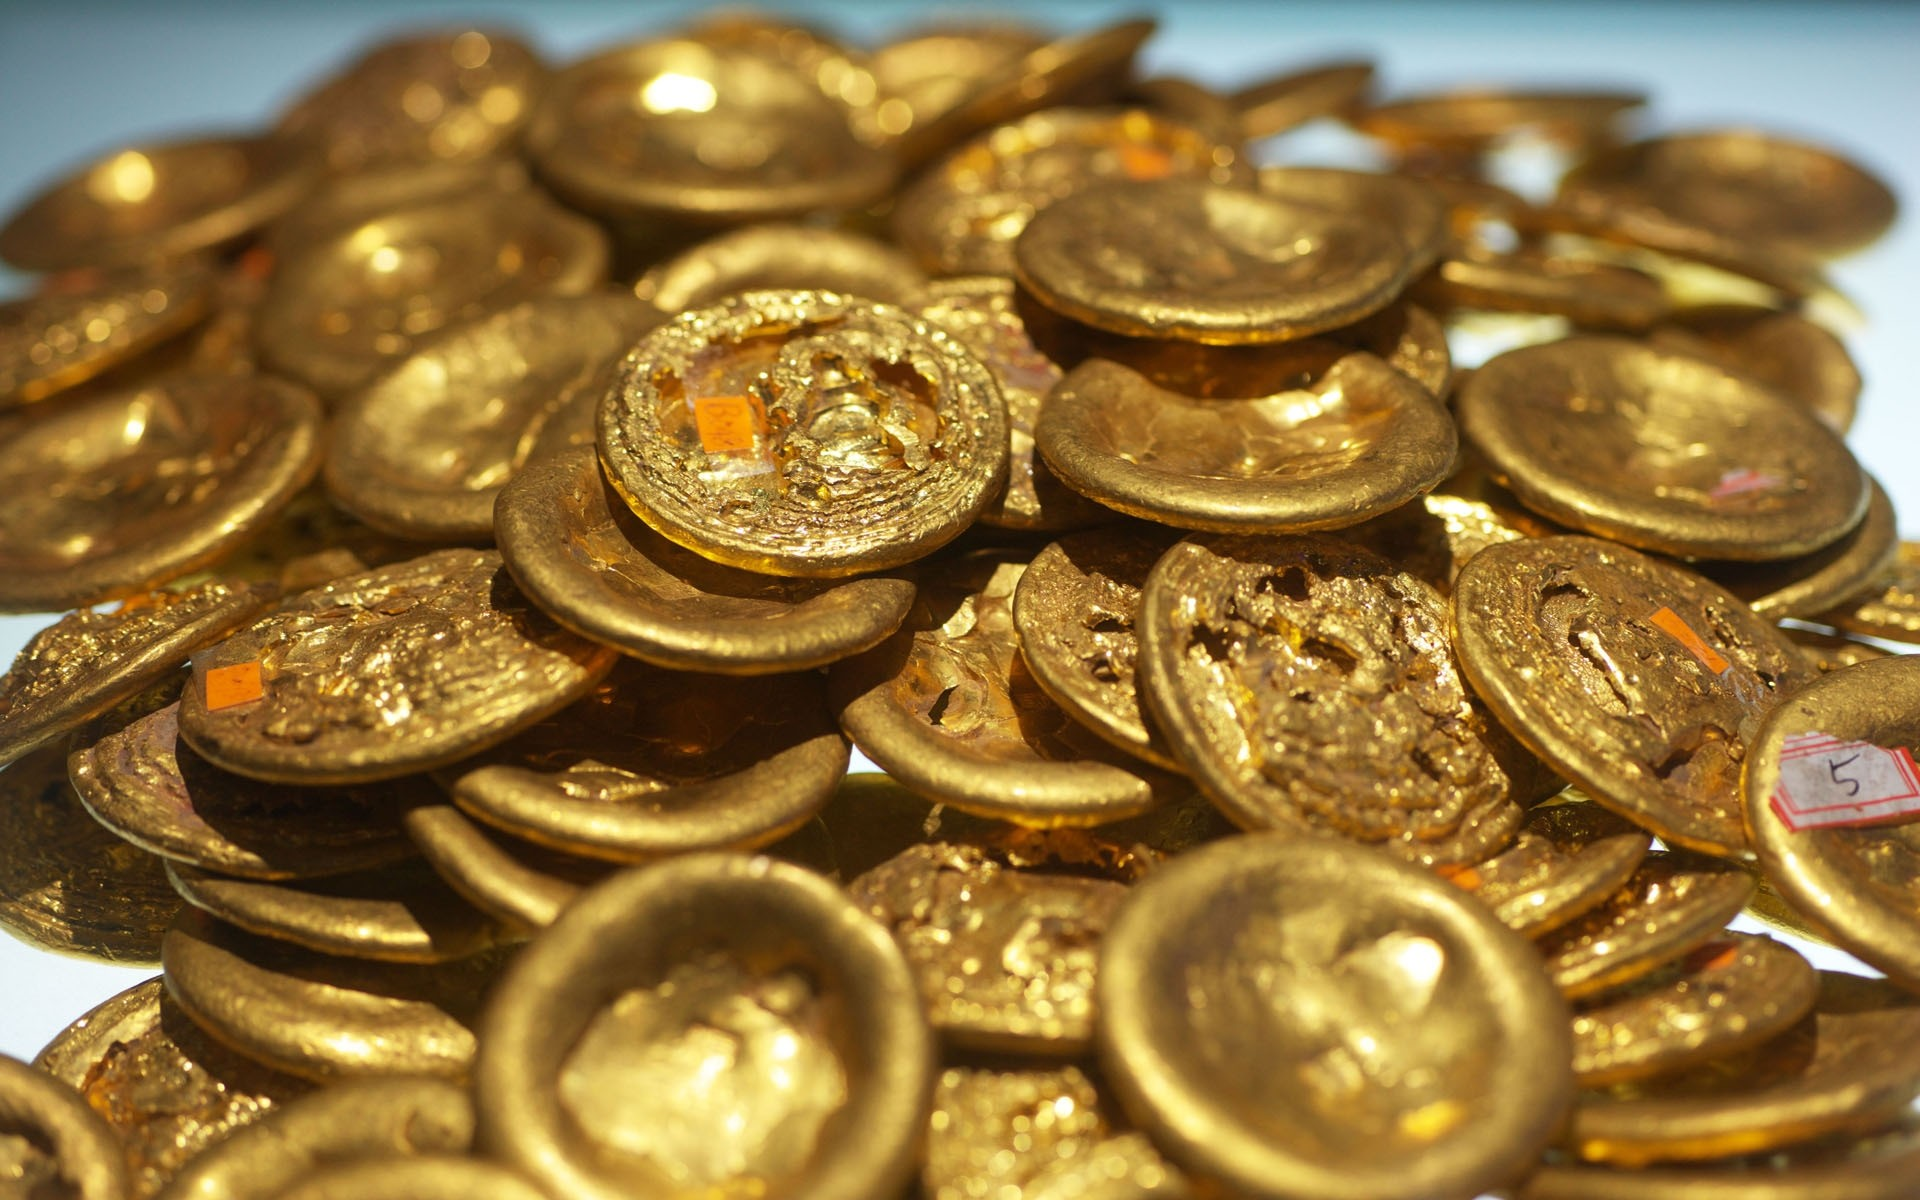 поля отогнало золото и деньги фото на рабочий стол поручили оформить витрину